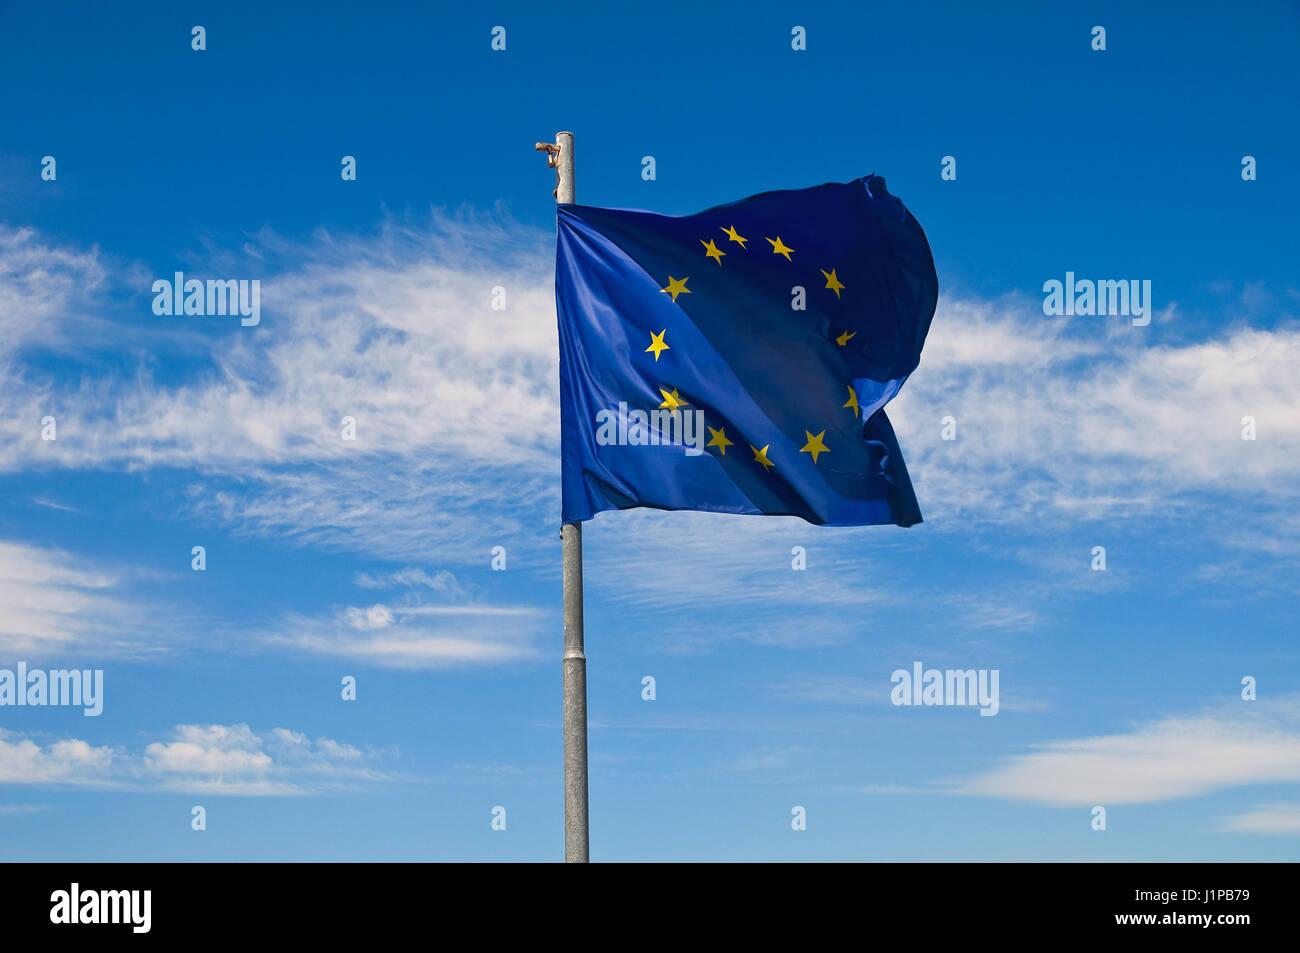 European Union flag. - Stock Image